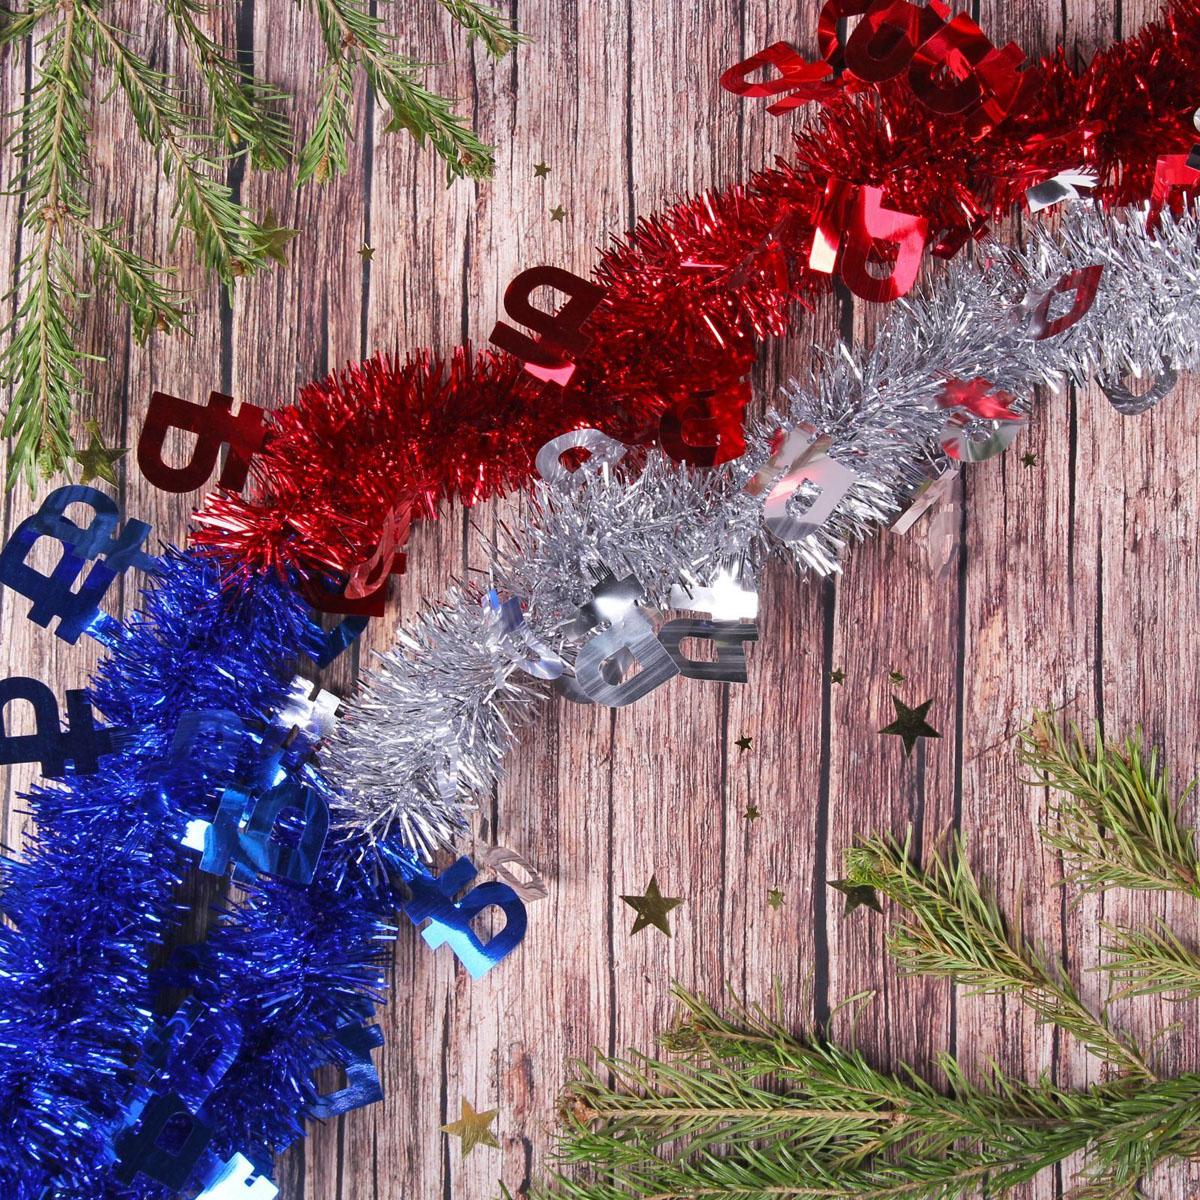 Мишура новогодняя Sima-land Рубль, цвет: синий, диаметр 5 см, длина 2 м. 23176412317641Мишура новогодняя Sima-land, выполненная из фольги с фигурками, поможет вам украсить свой дом к предстоящим праздникам. Новогодней мишурой можно украсить все, что угодно - елку, квартиру, дачу, офис - как внутри, так и снаружи. Можно сложить новогодние поздравления, буквы и цифры, мишурой можно украсить и дополнить гирлянды, можно выделить дверные колонны, оплести дверные проемы. Мишура принесет в ваш дом ни с чем несравнимое ощущение праздника! Создайте в своем доме атмосферу тепла, веселья и радости, украшая его всей семьей.